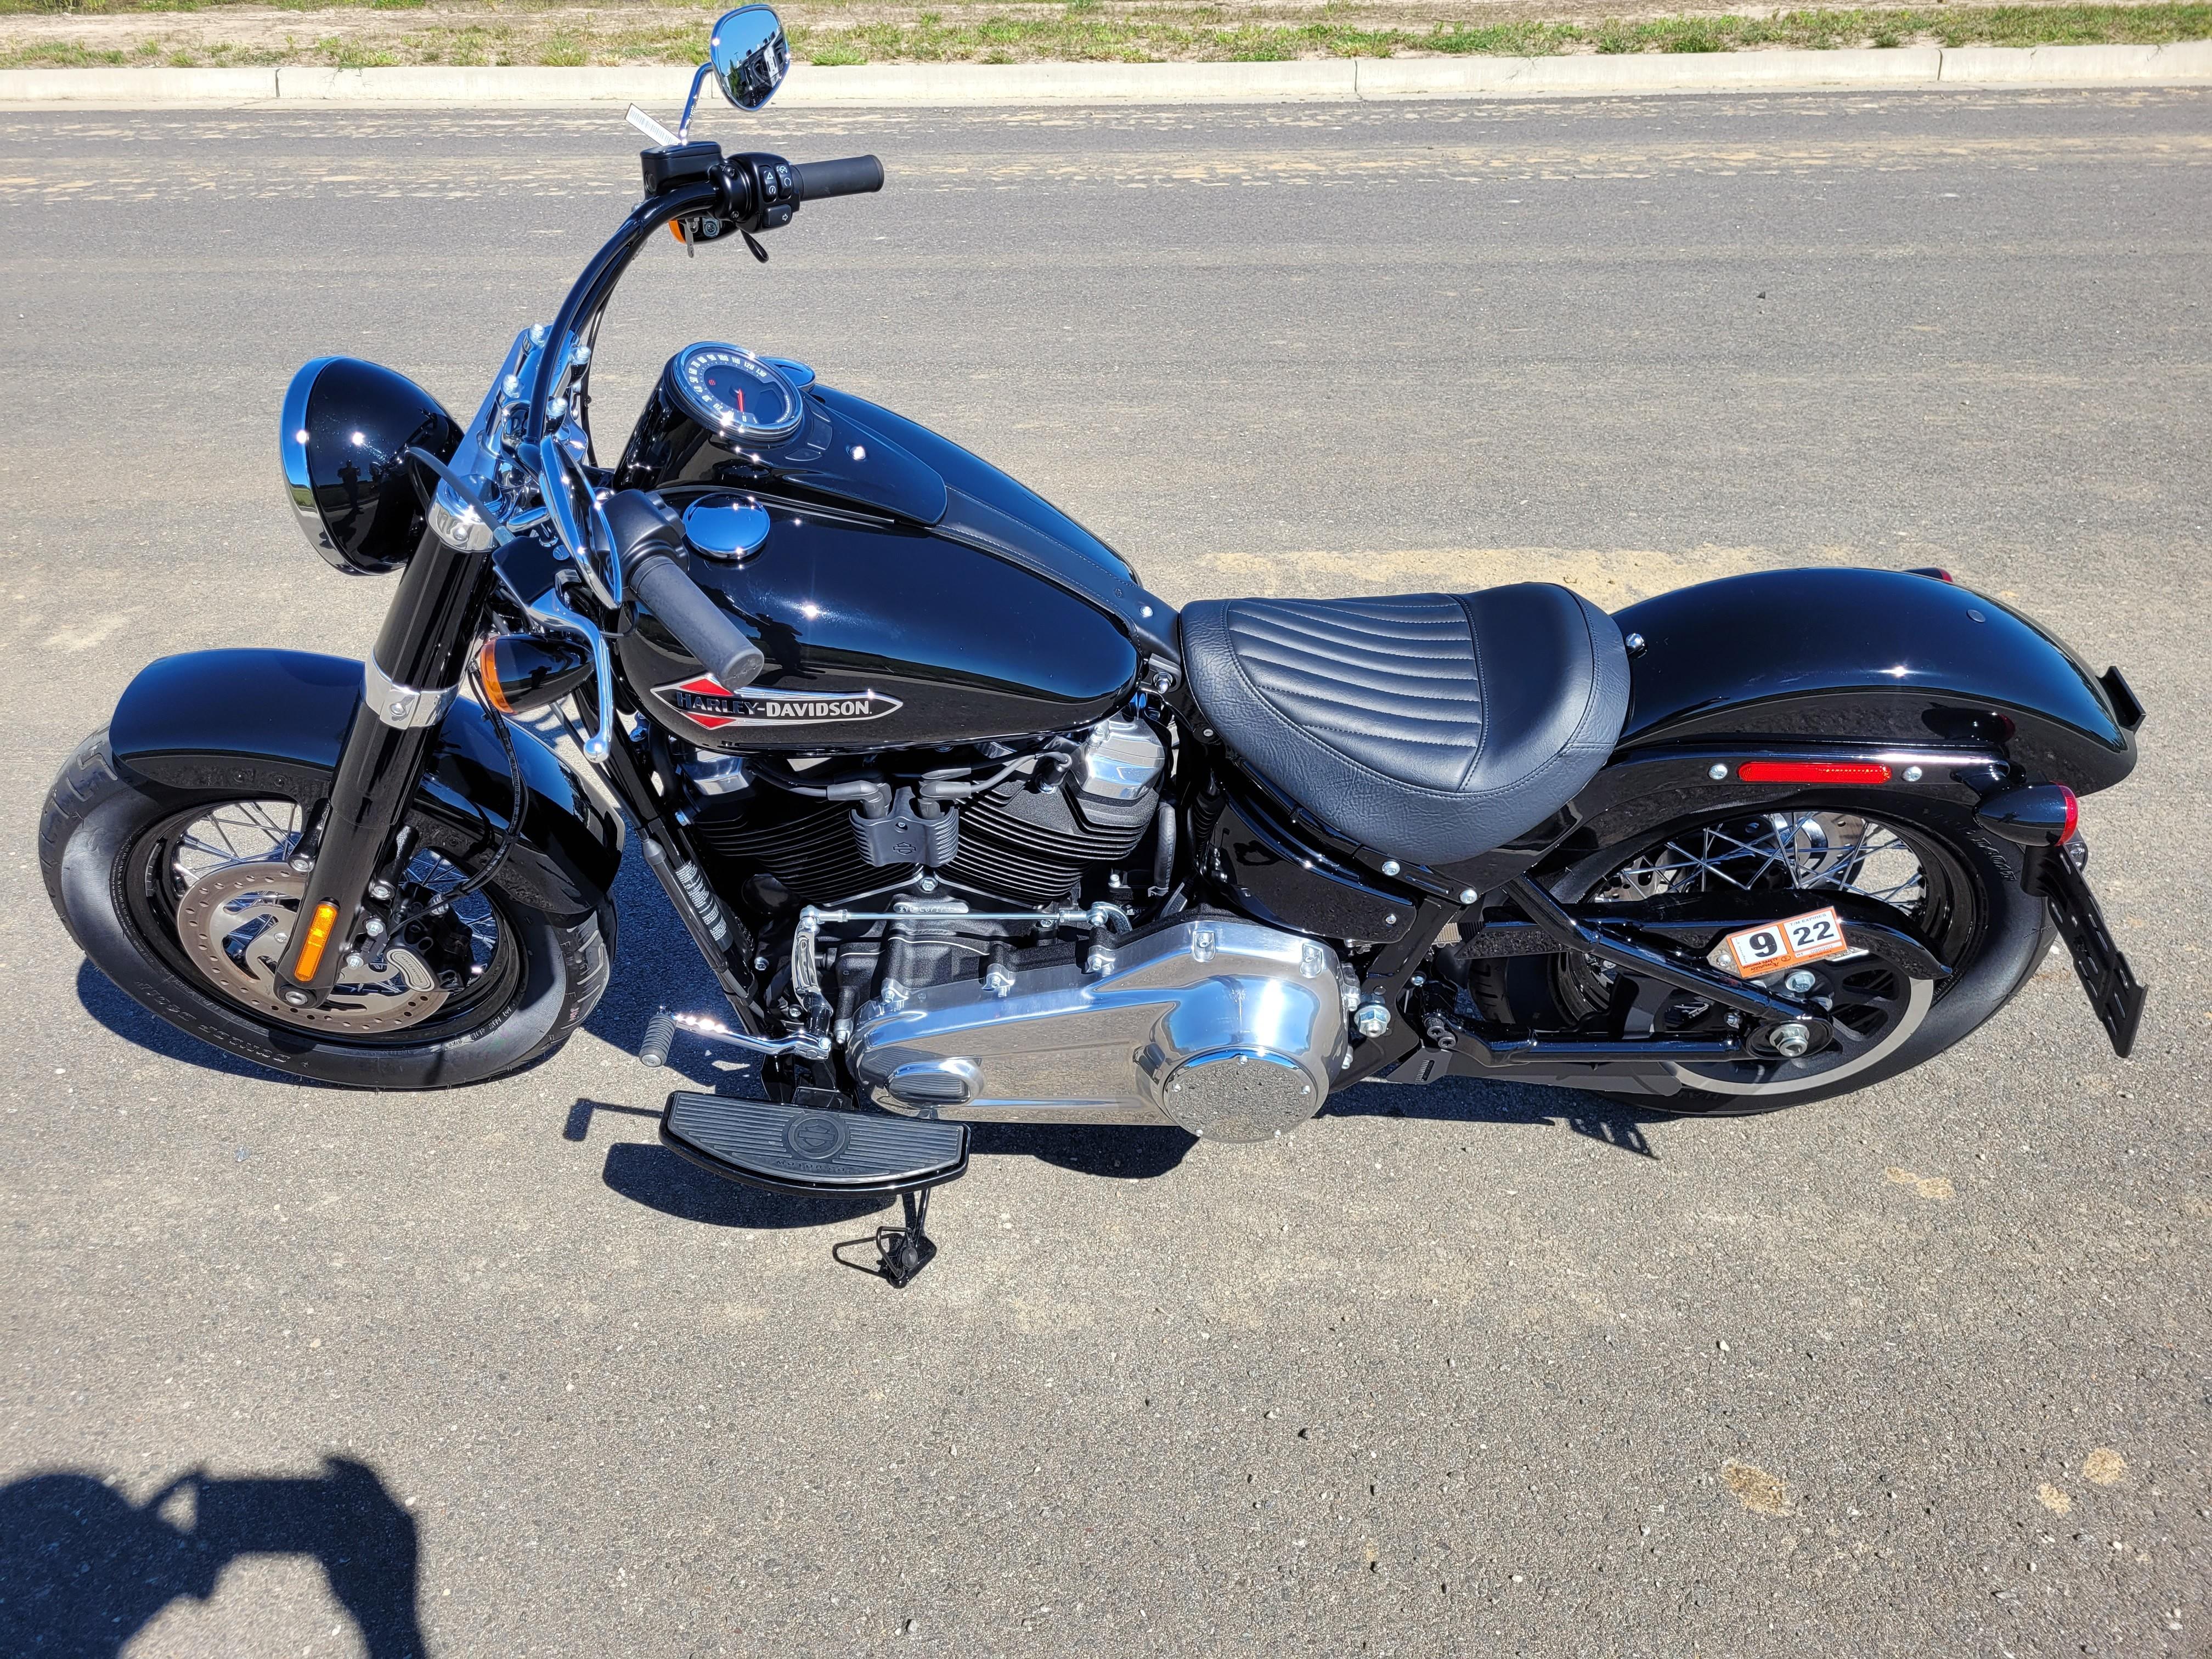 2020 Harley-Davidson Softail Softail Slim at Richmond Harley-Davidson